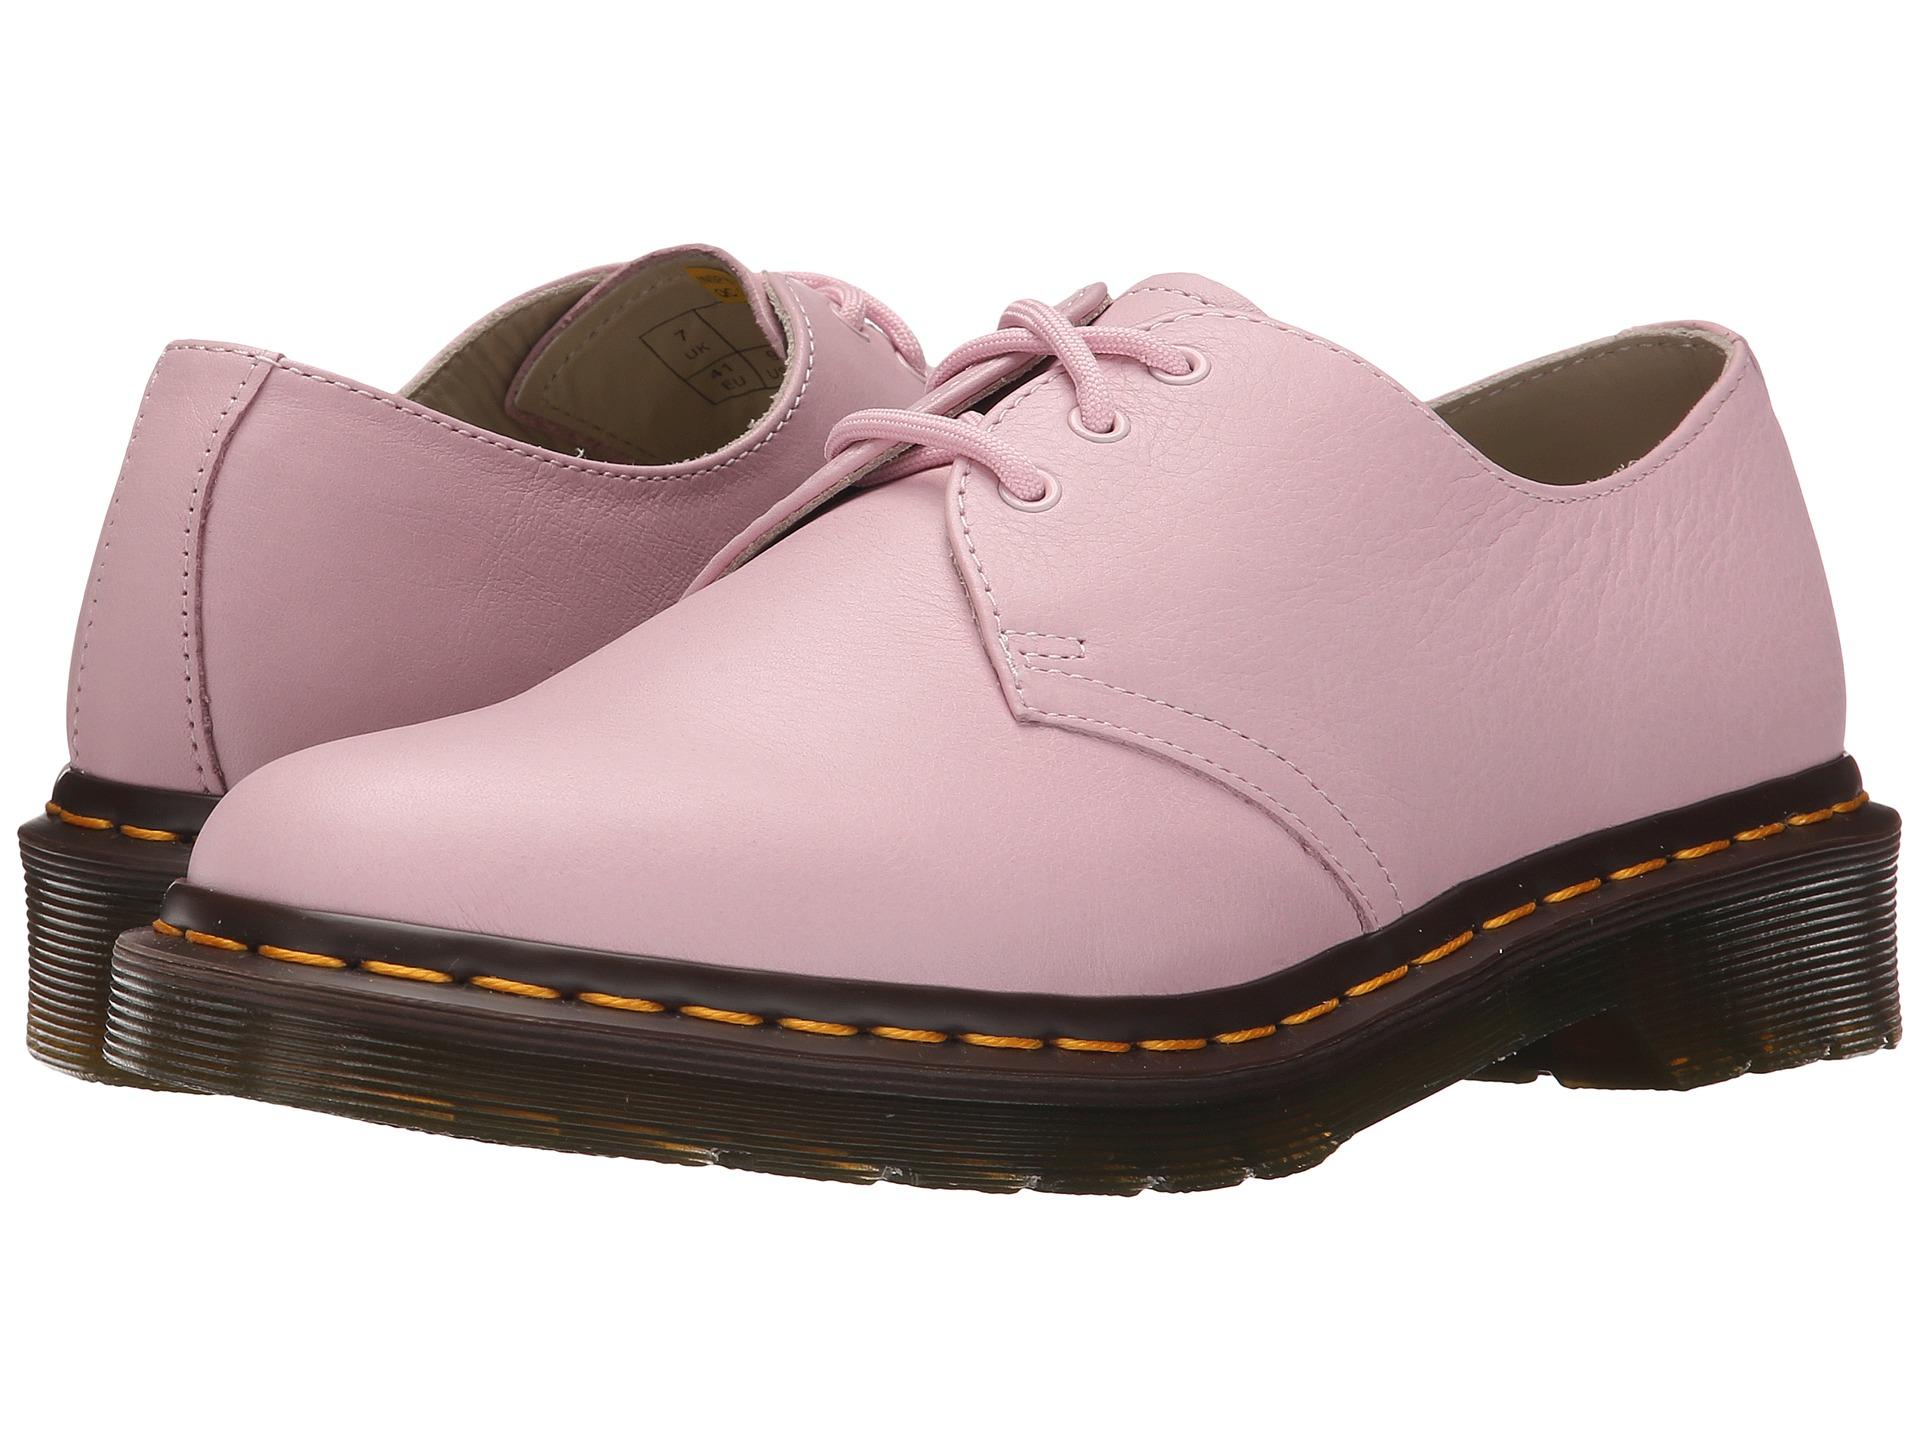 Dr. Martens Leather 1461 3-eyelet Shoe